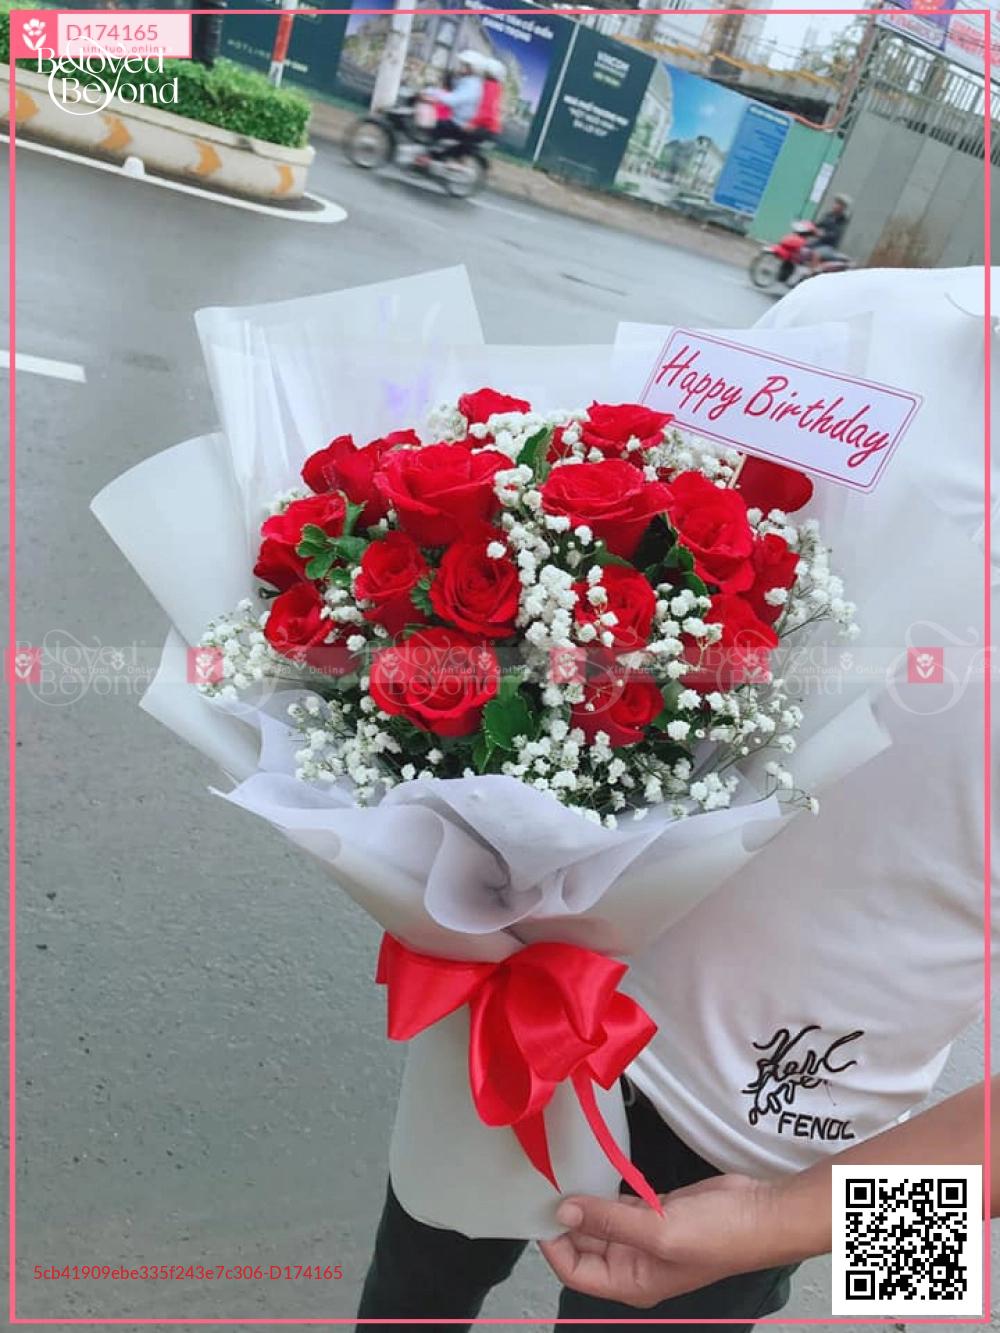 Hạnh phúc - D174165 - xinhtuoi.online